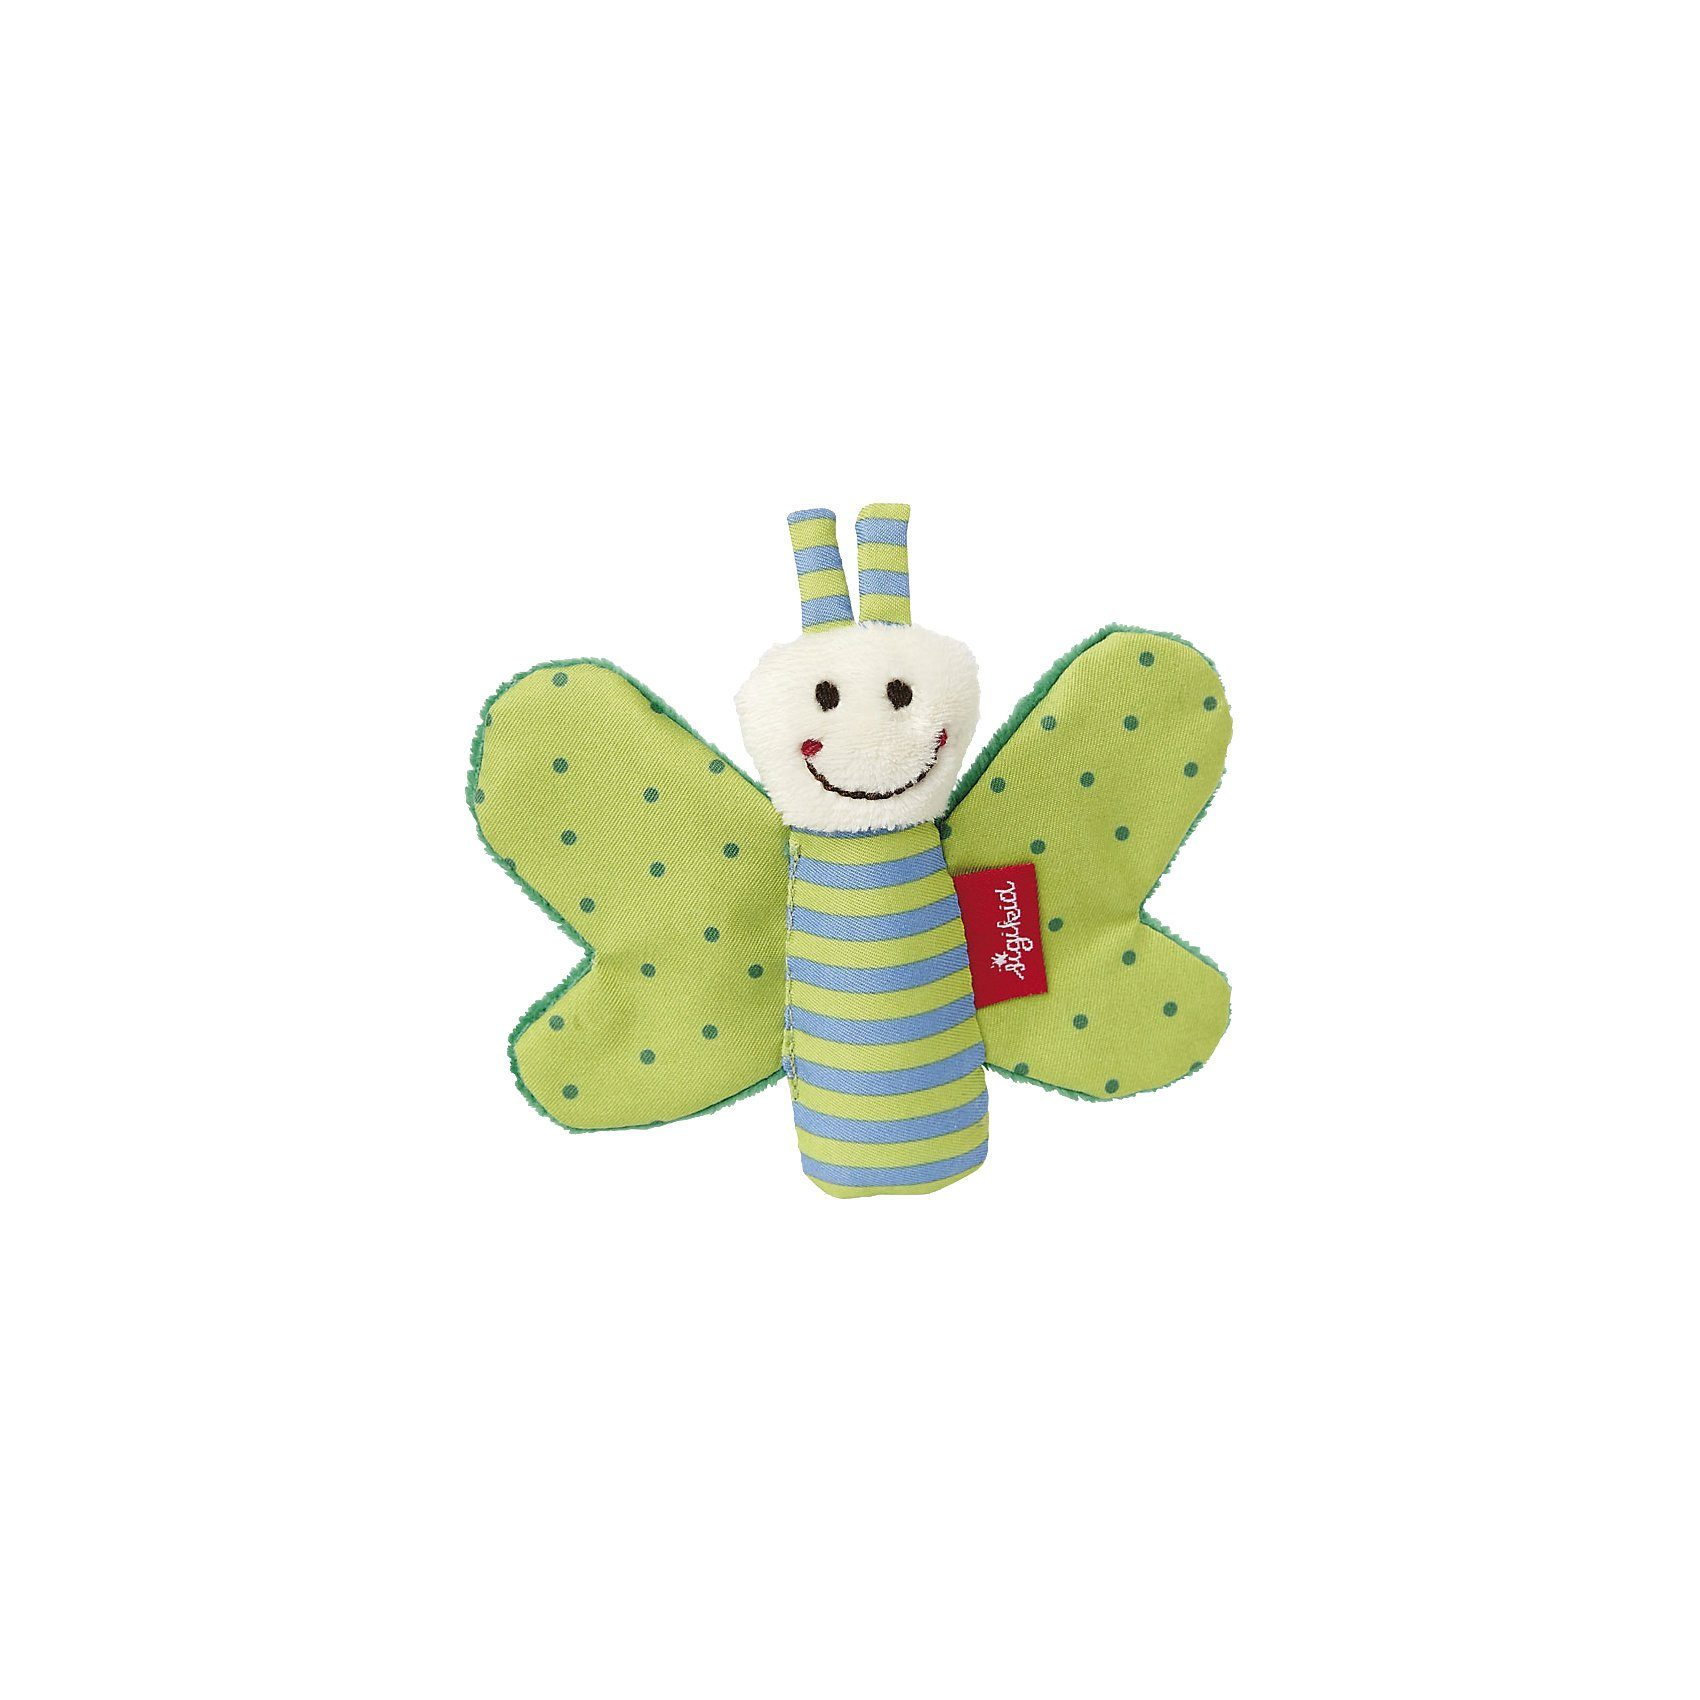 sigikid Knister-Schmetterling, grün